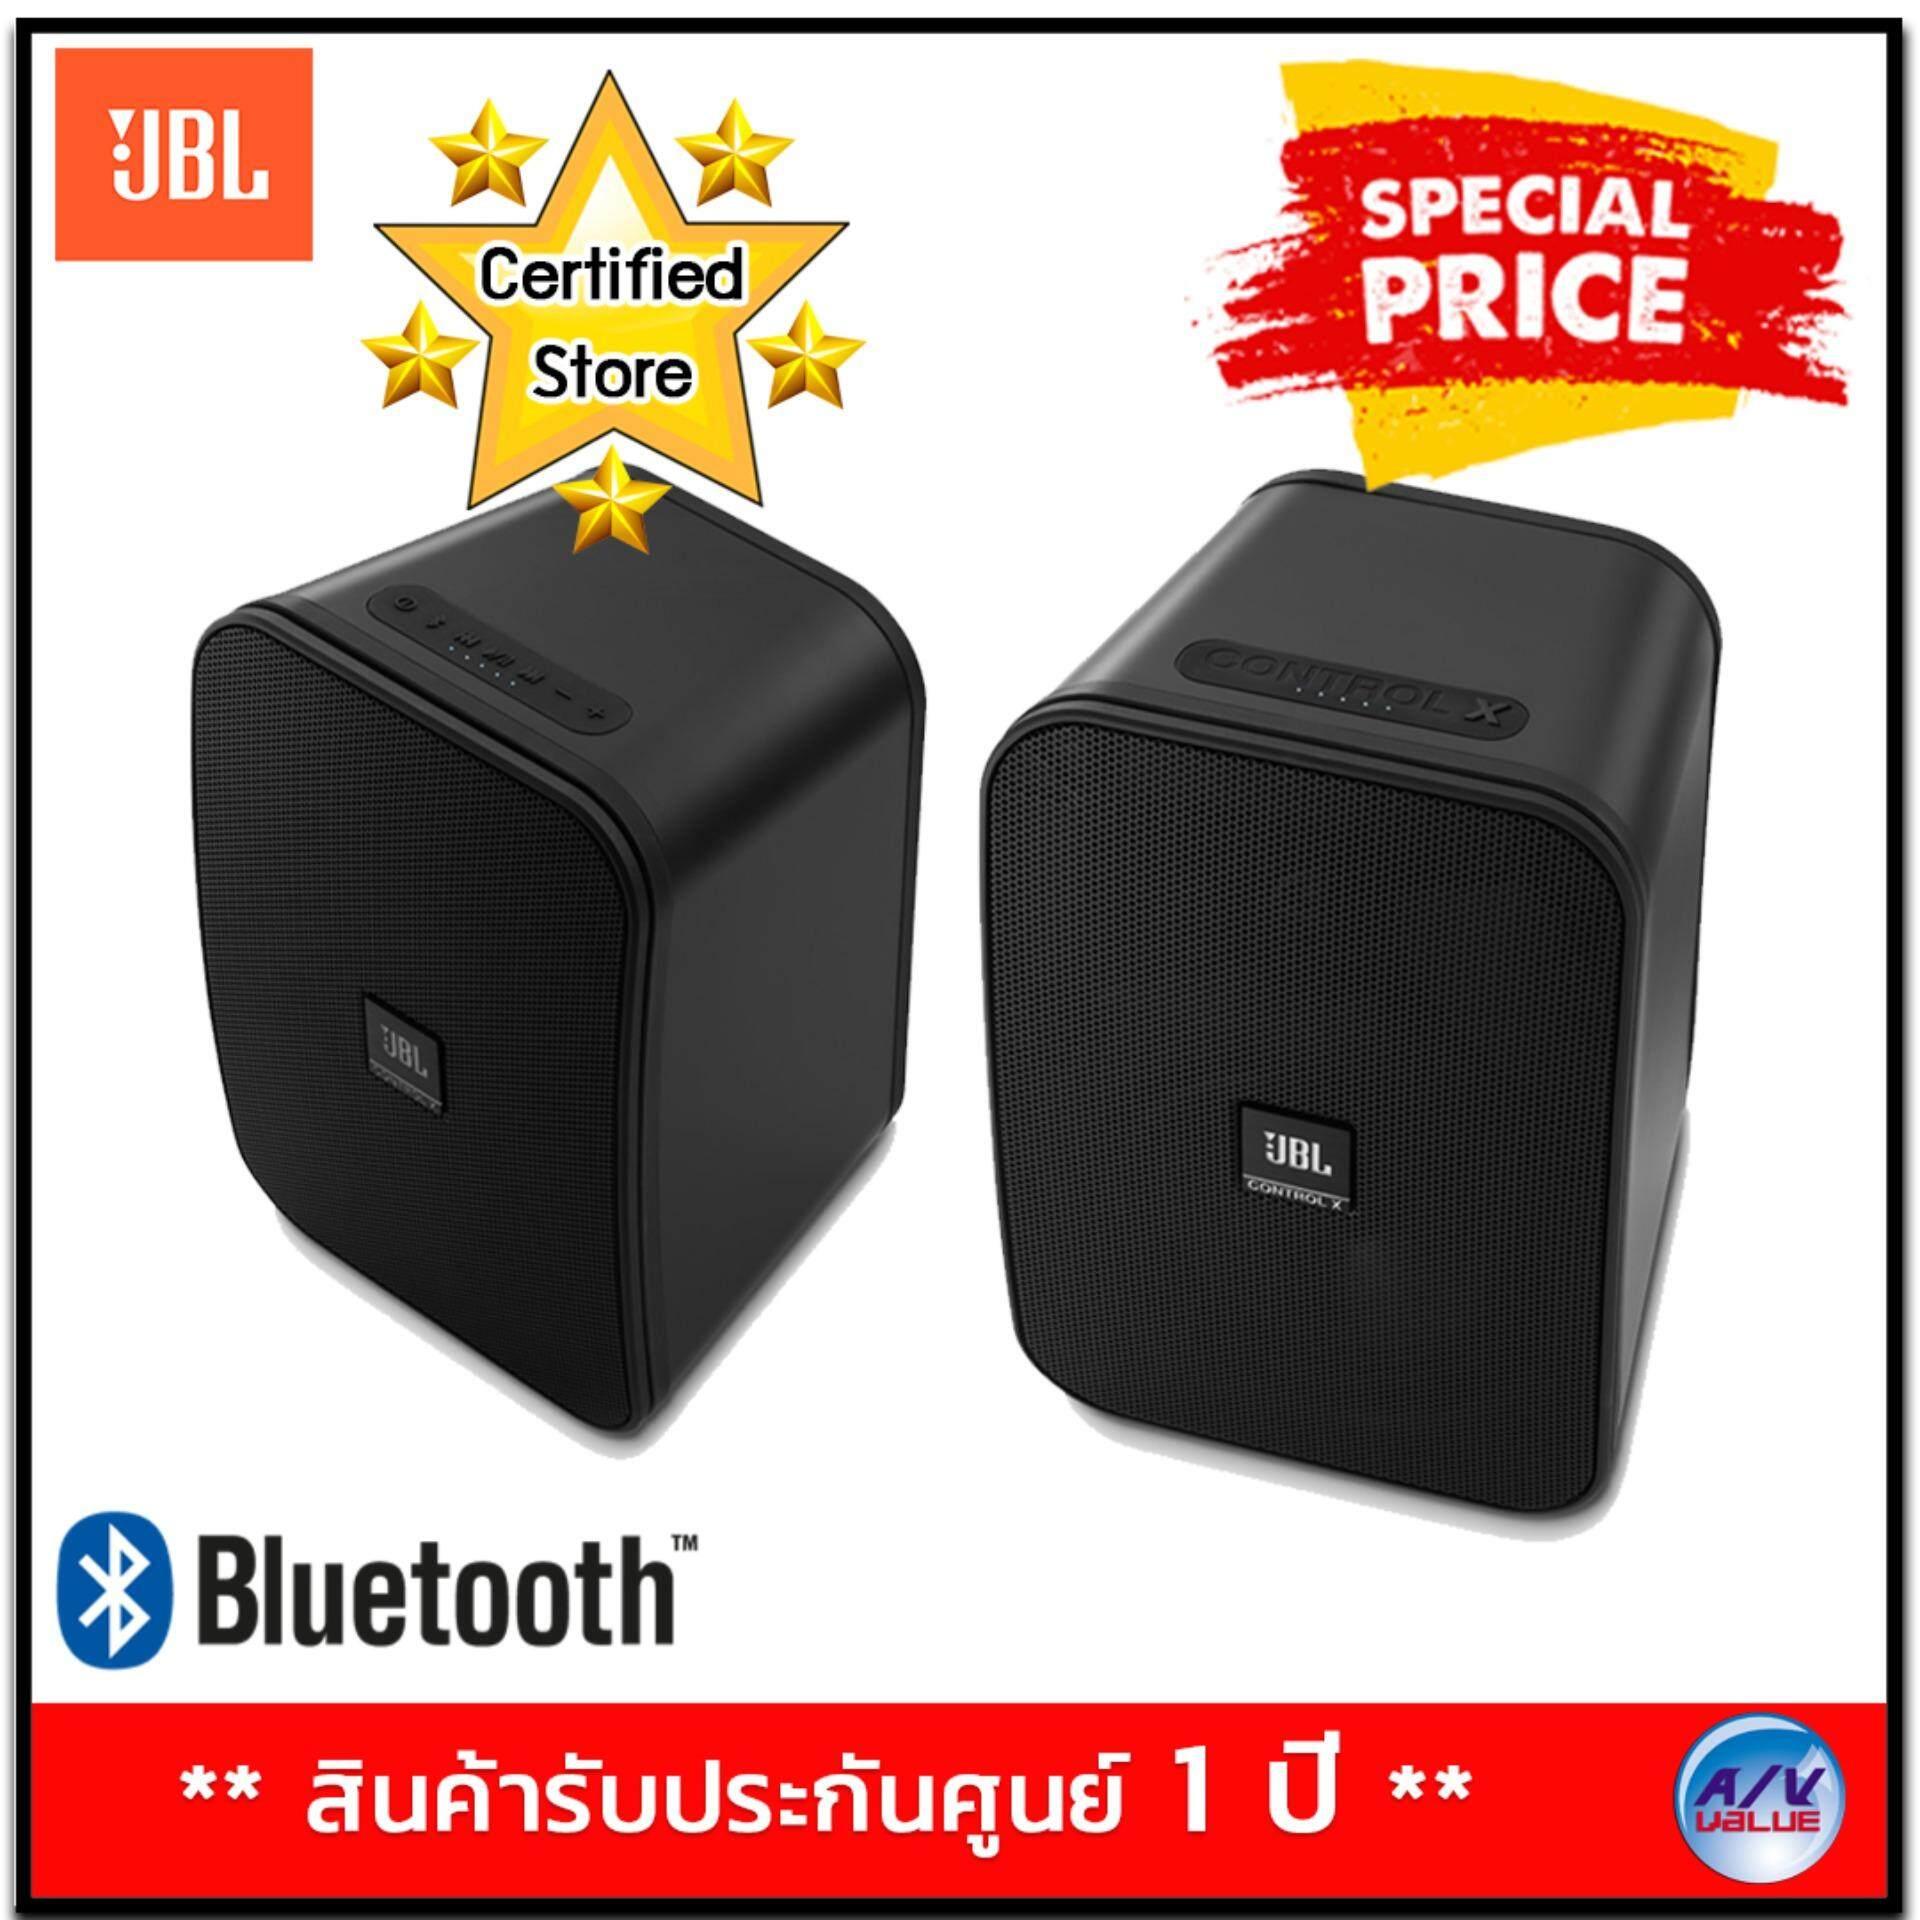 การใช้งาน  ร้อยเอ็ด JBL Control XT Wireless stereo Bluetooth® speakers **Voucher ลดเพิ่มพิเศษ